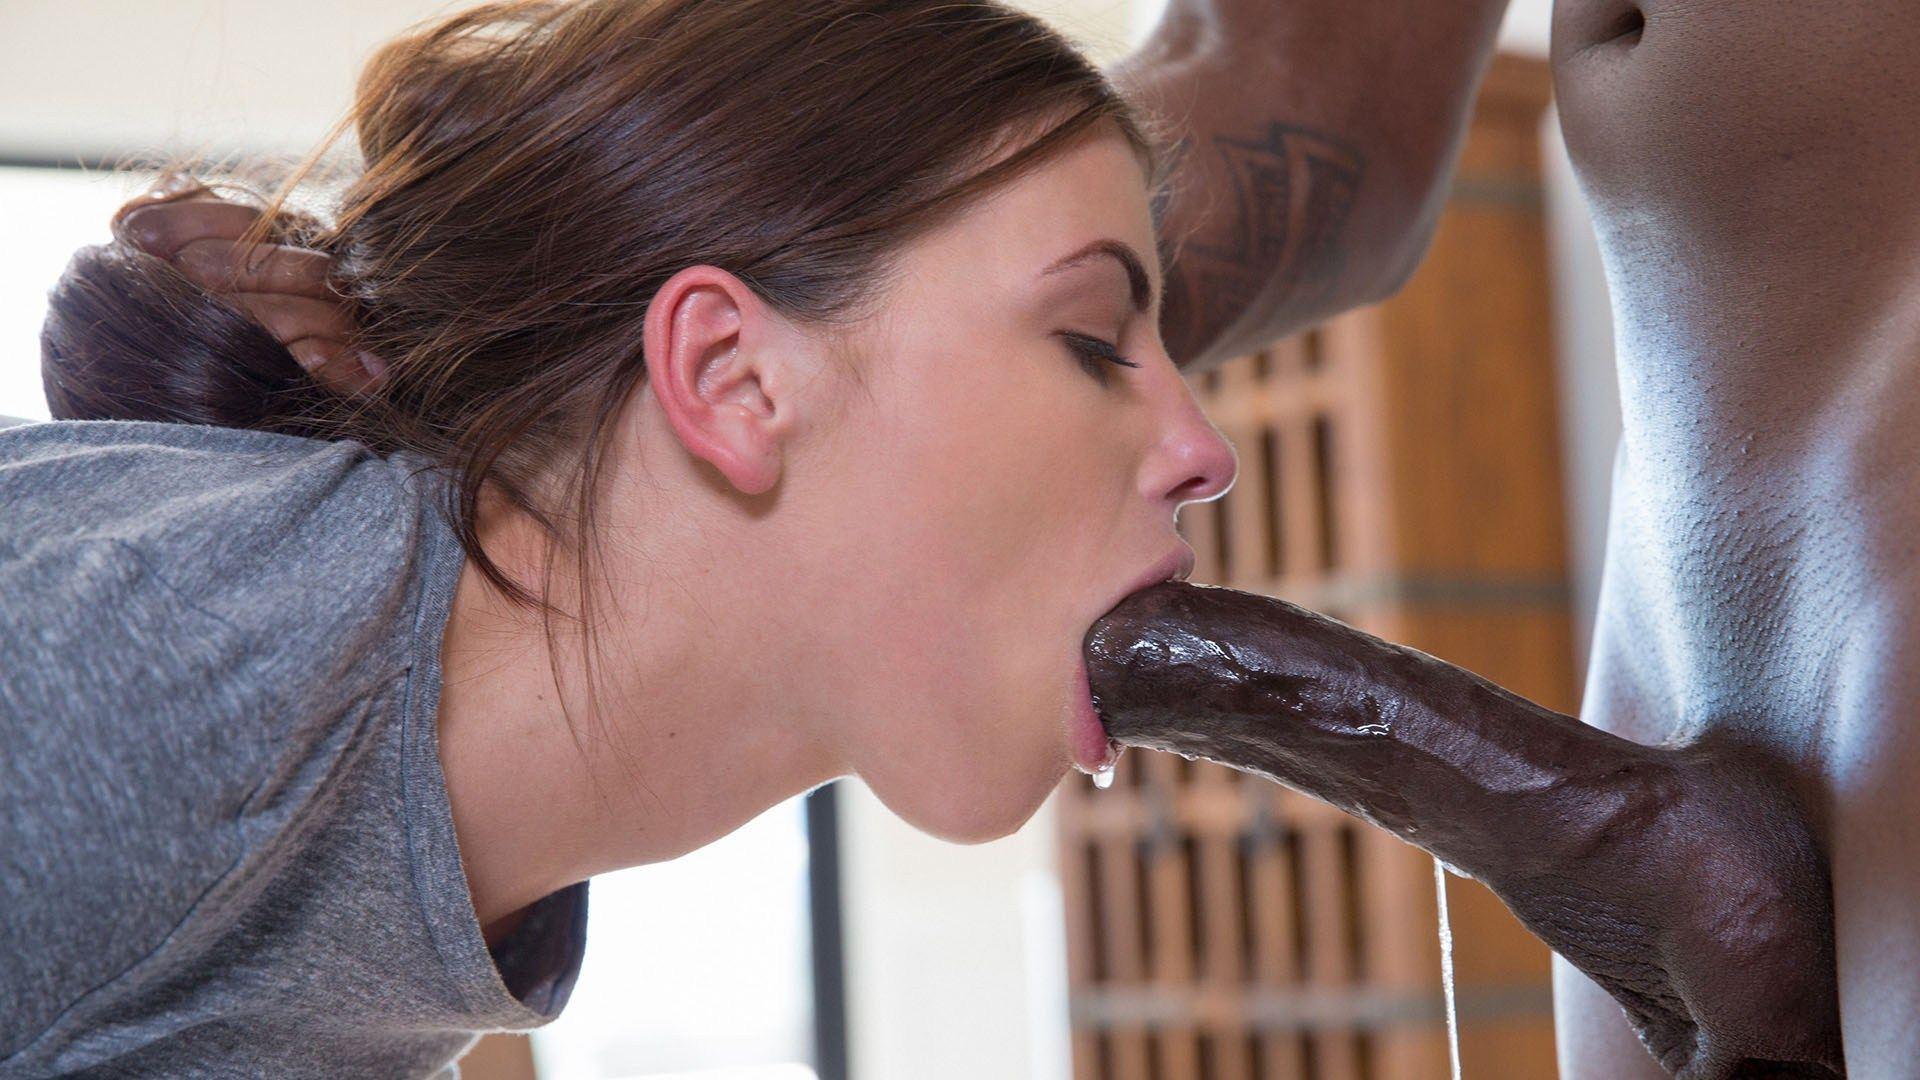 Queen C. reccomend deepthroat Make her